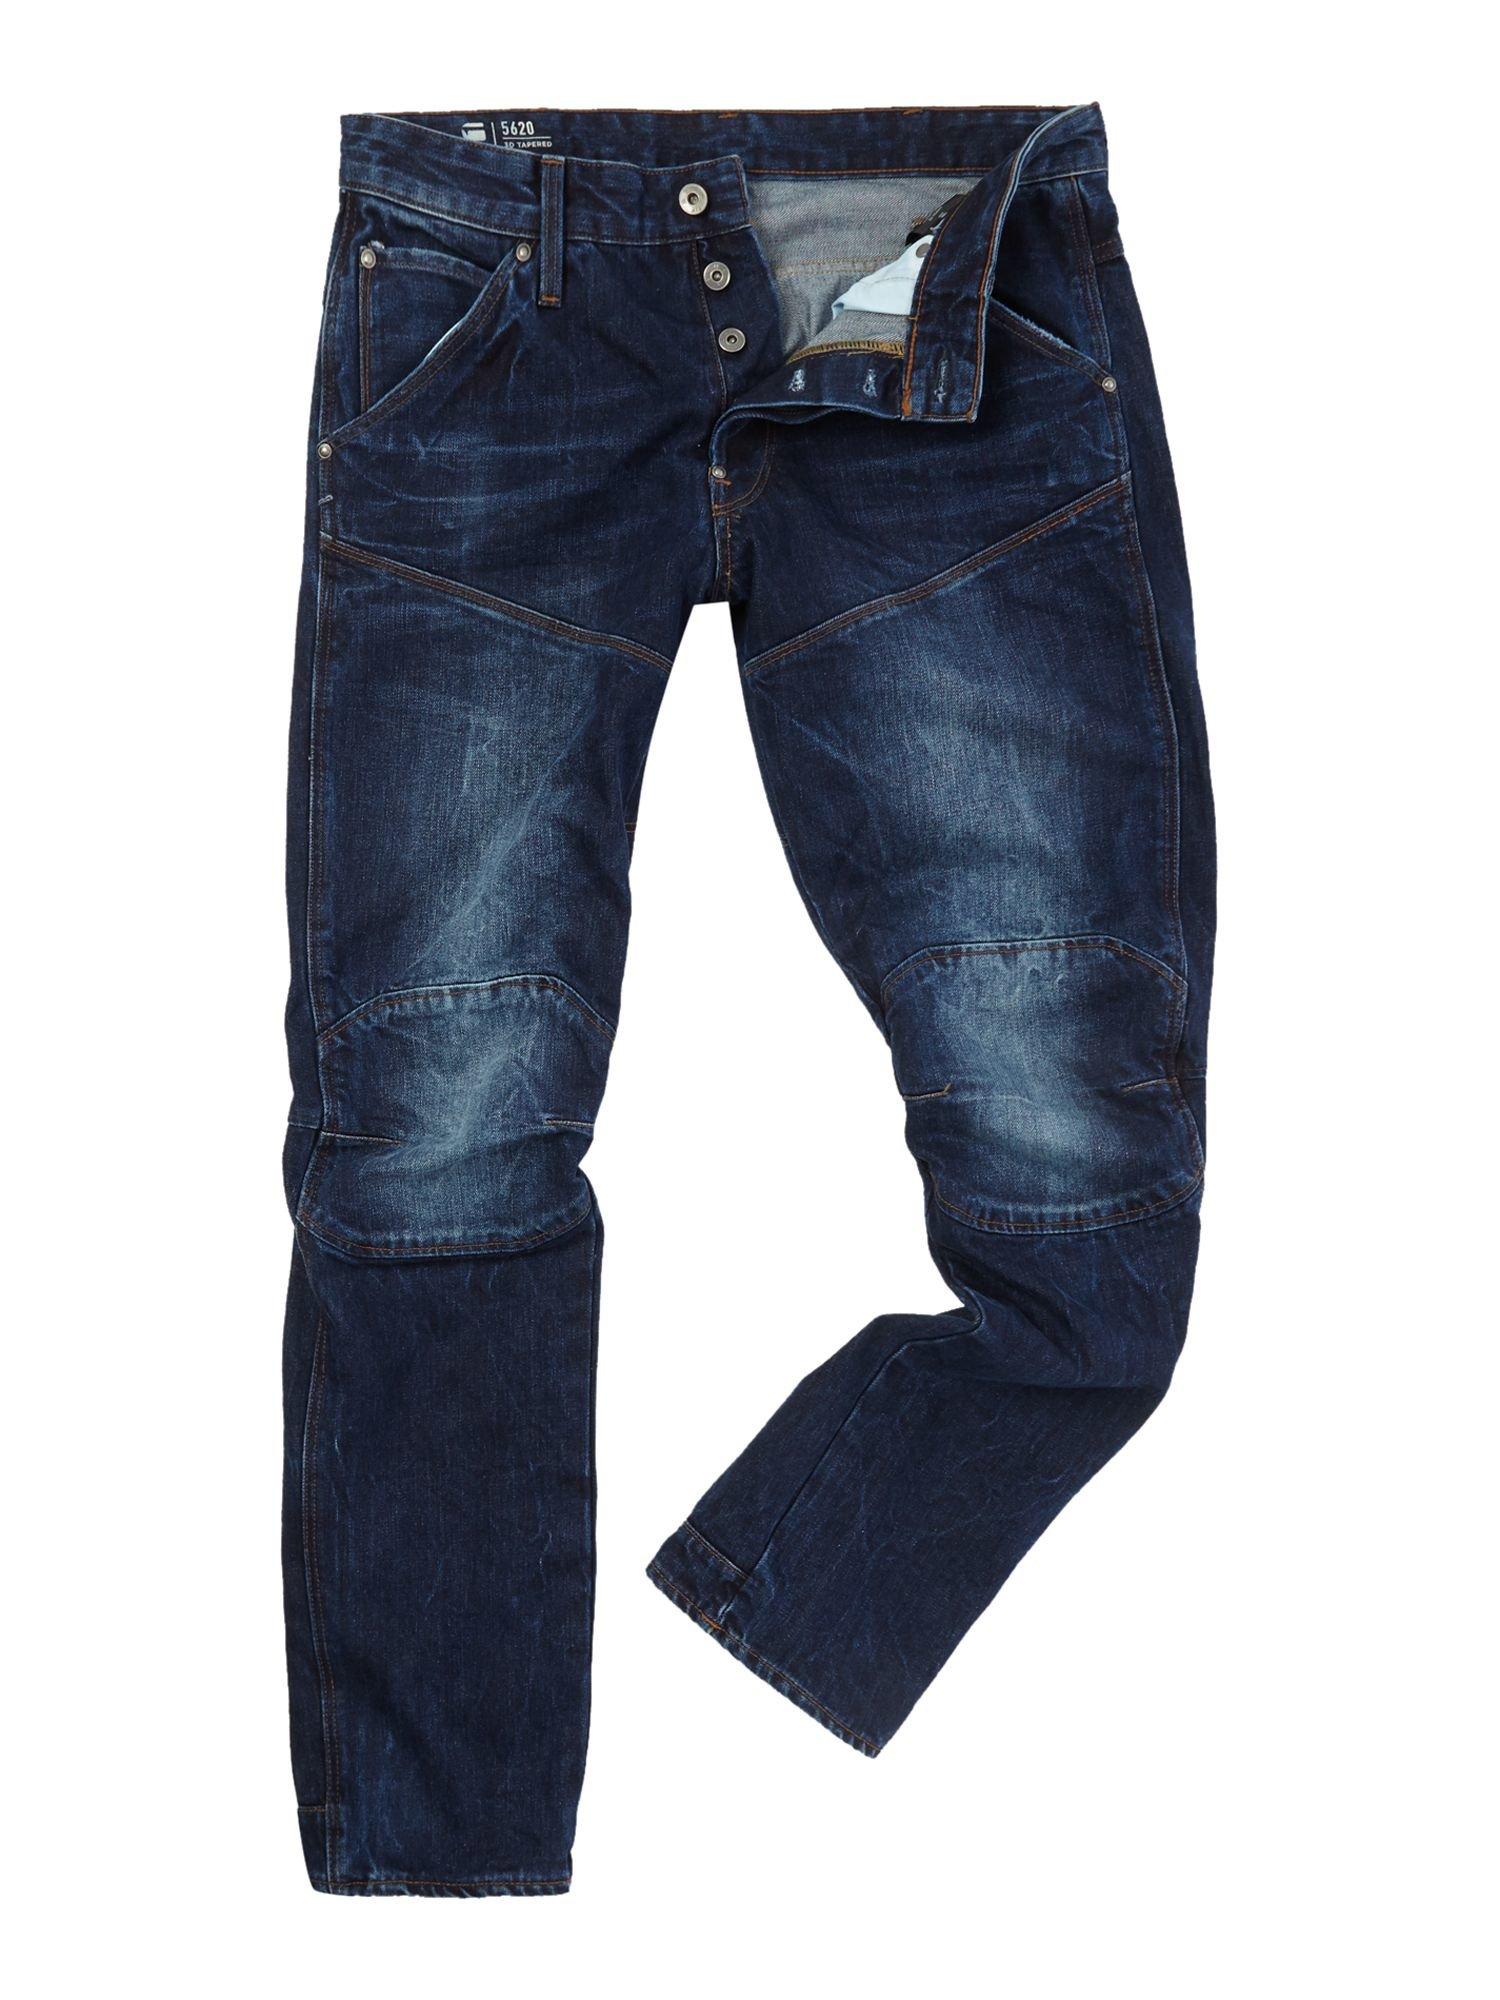 erstaunlich g star damen jeans vedemii. Black Bedroom Furniture Sets. Home Design Ideas